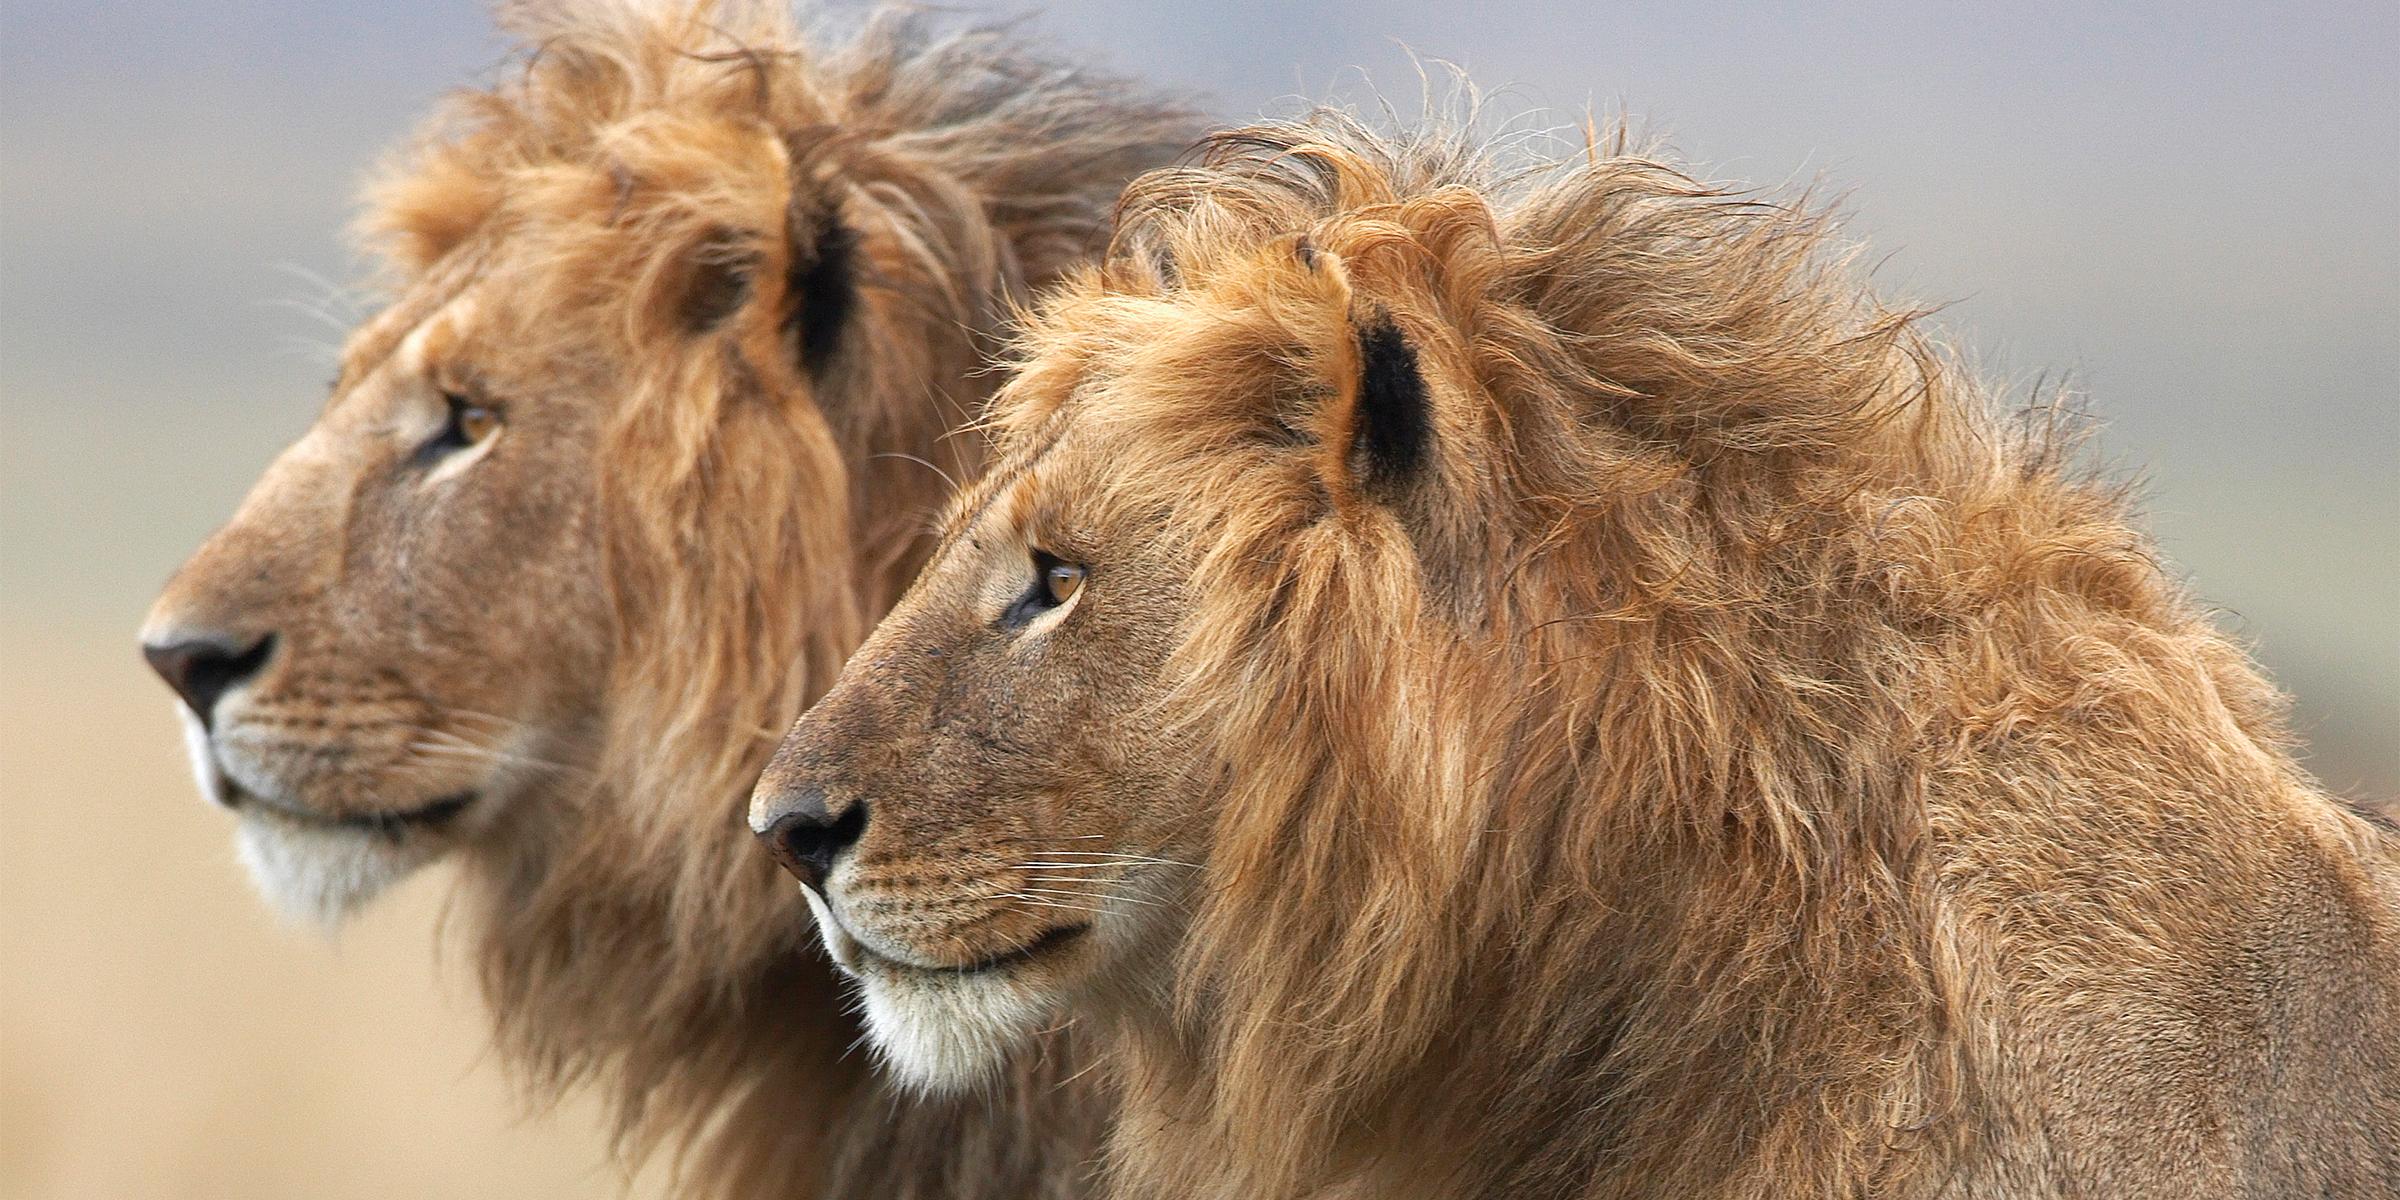 Meleg oroszlánok szexelnek